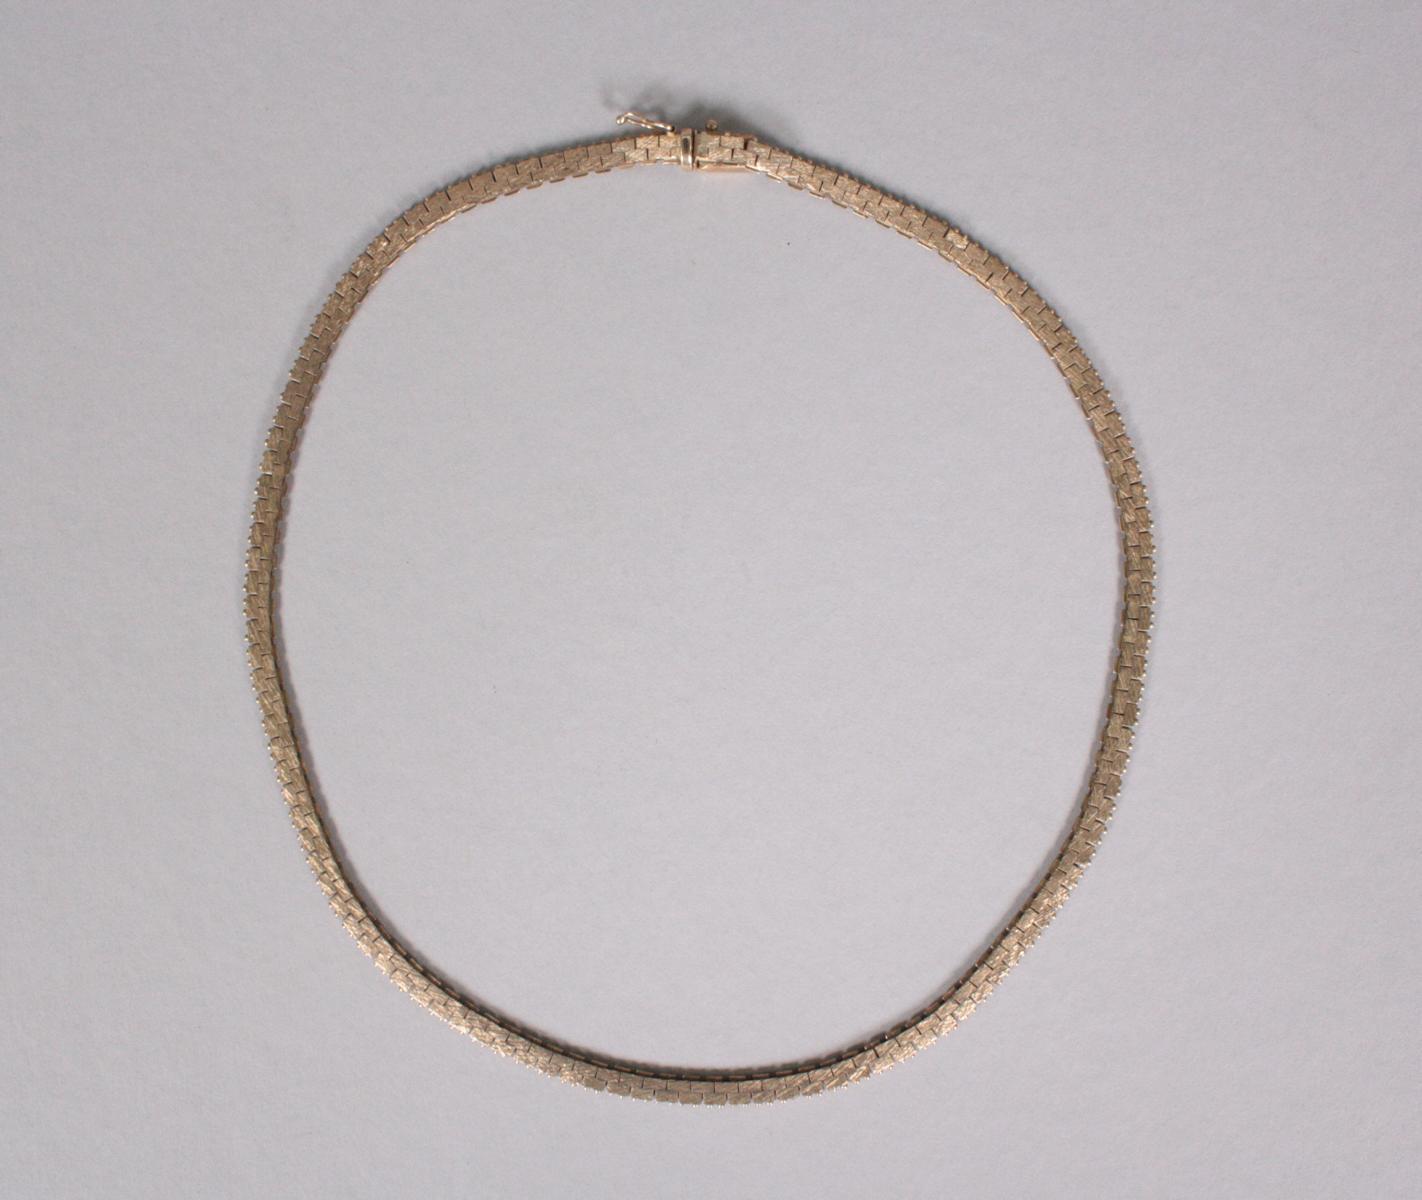 Halskette, 8 Karat Gelbgold